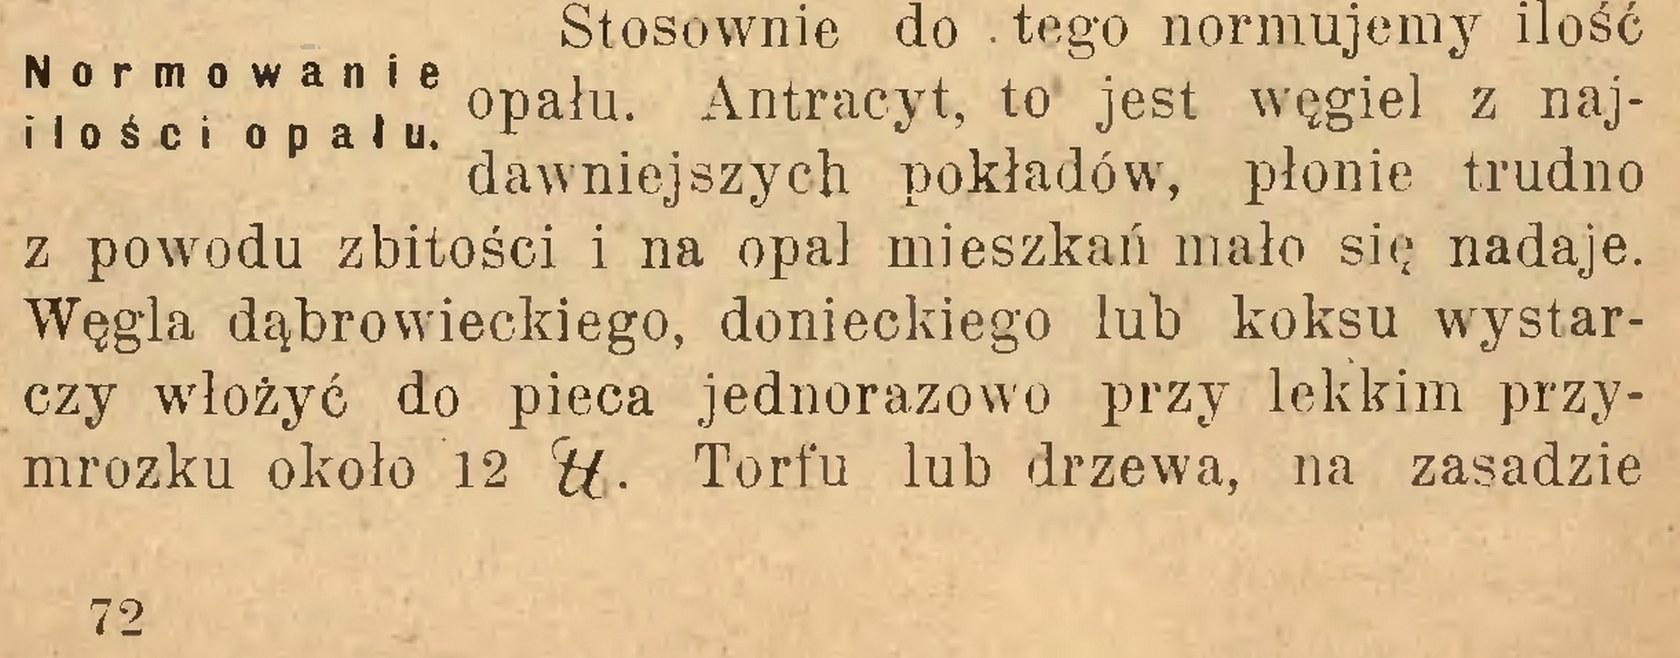 Ulanicka 5-5_1680x658